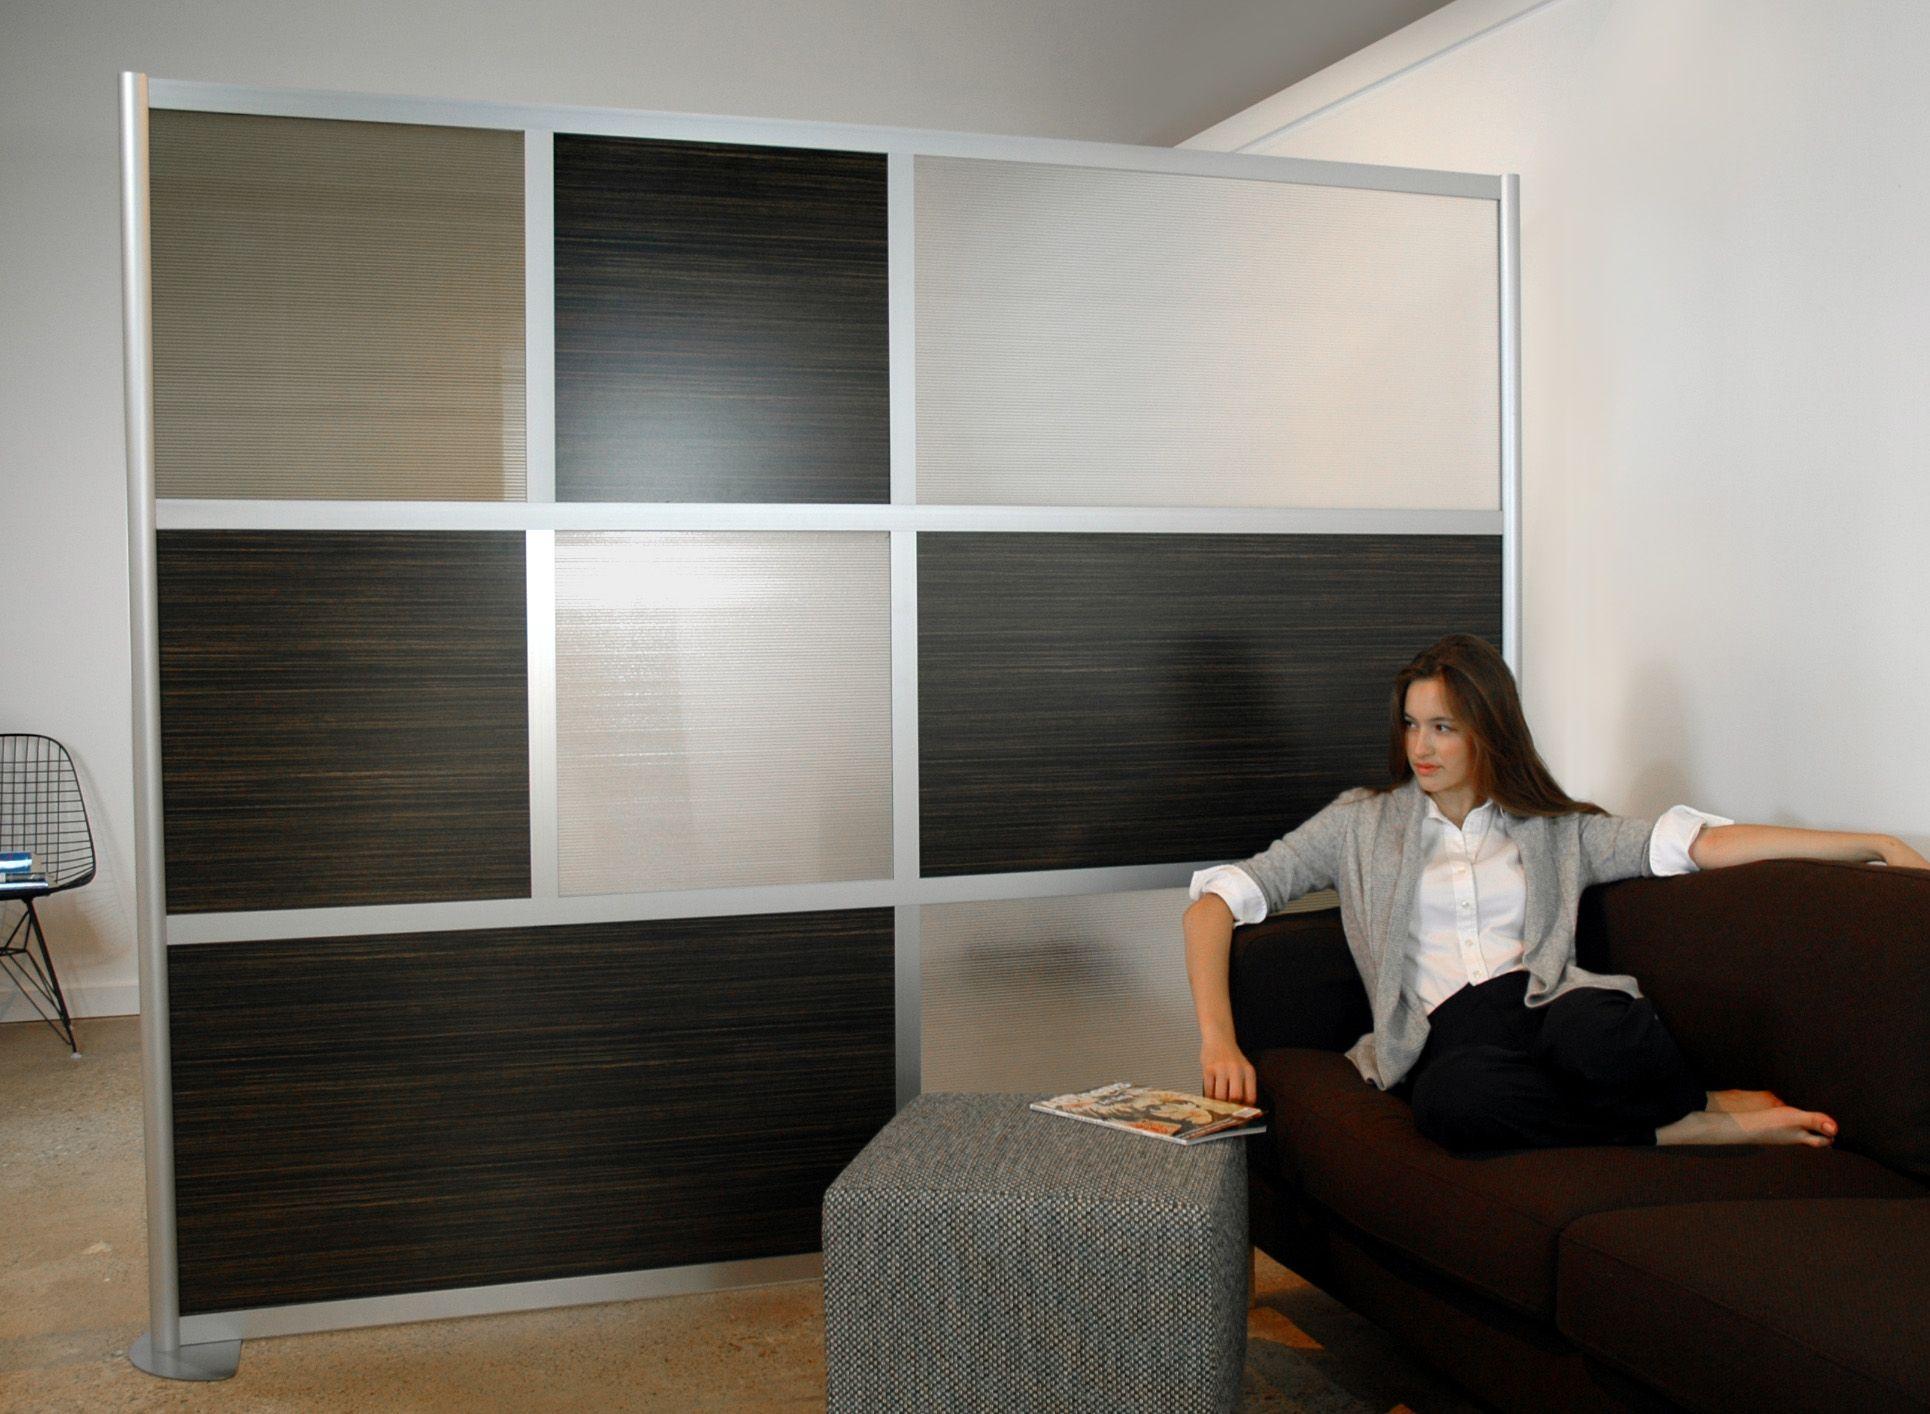 IKEA Studio Apartment Ideas Download Wallpaper Room Divider Ideas